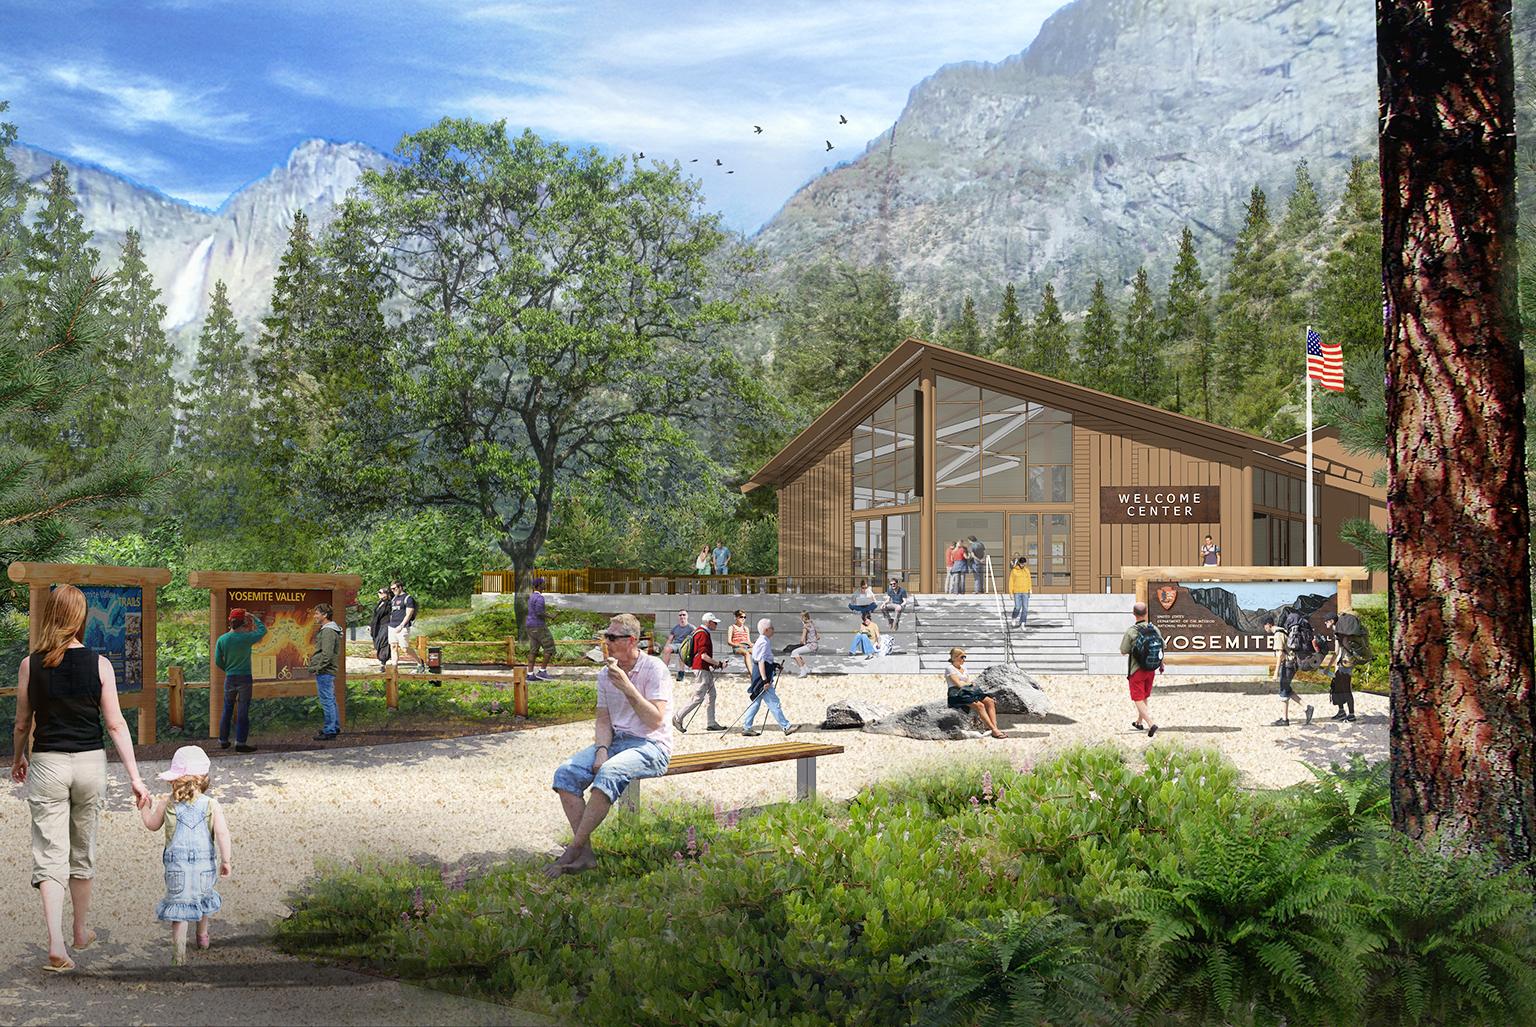 Yosemite Village Welcome Center